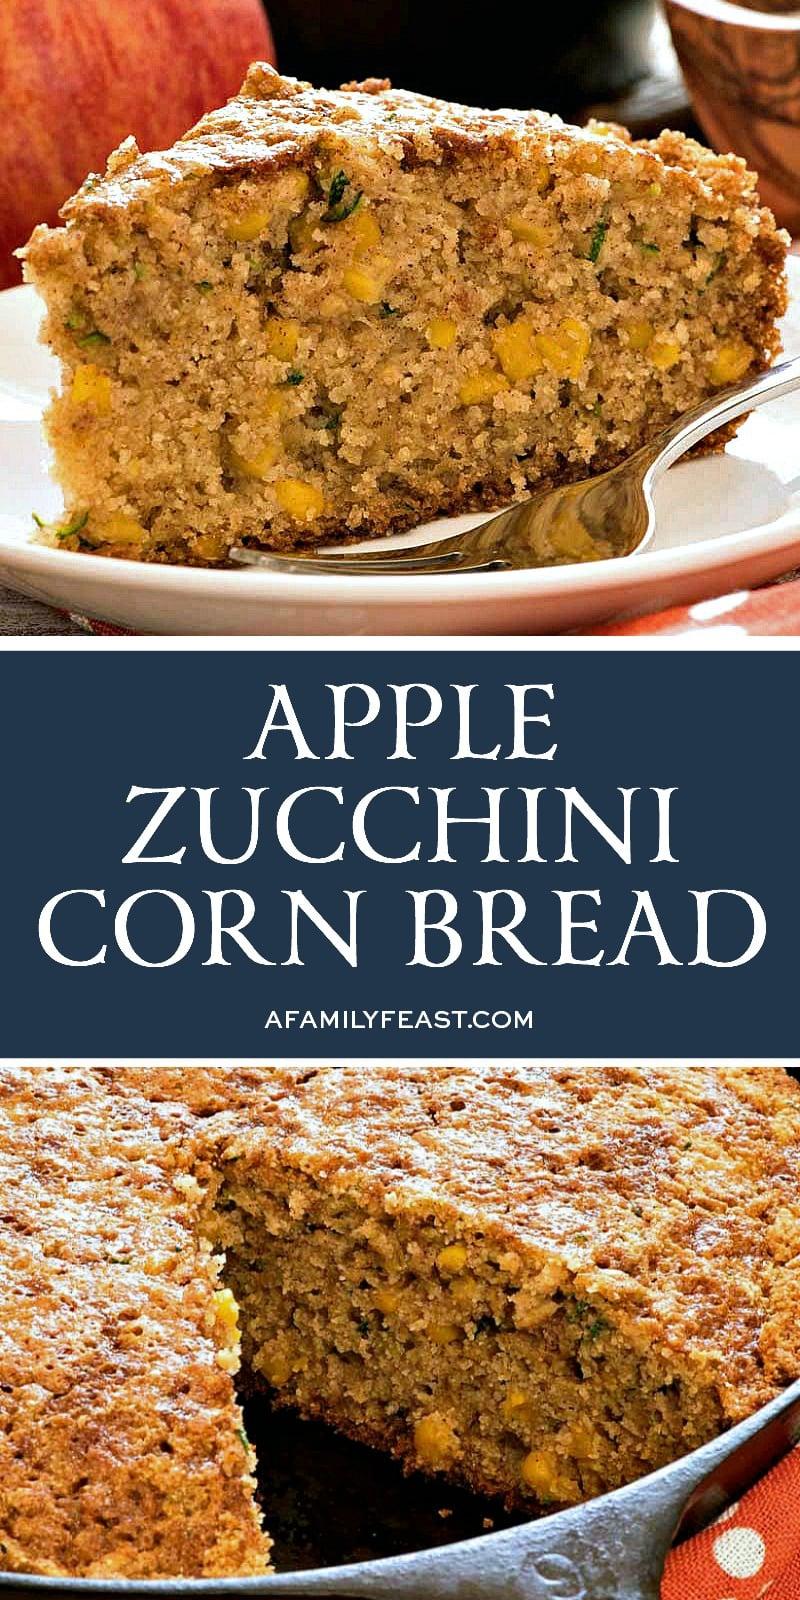 Apple Zucchini Corn Bread